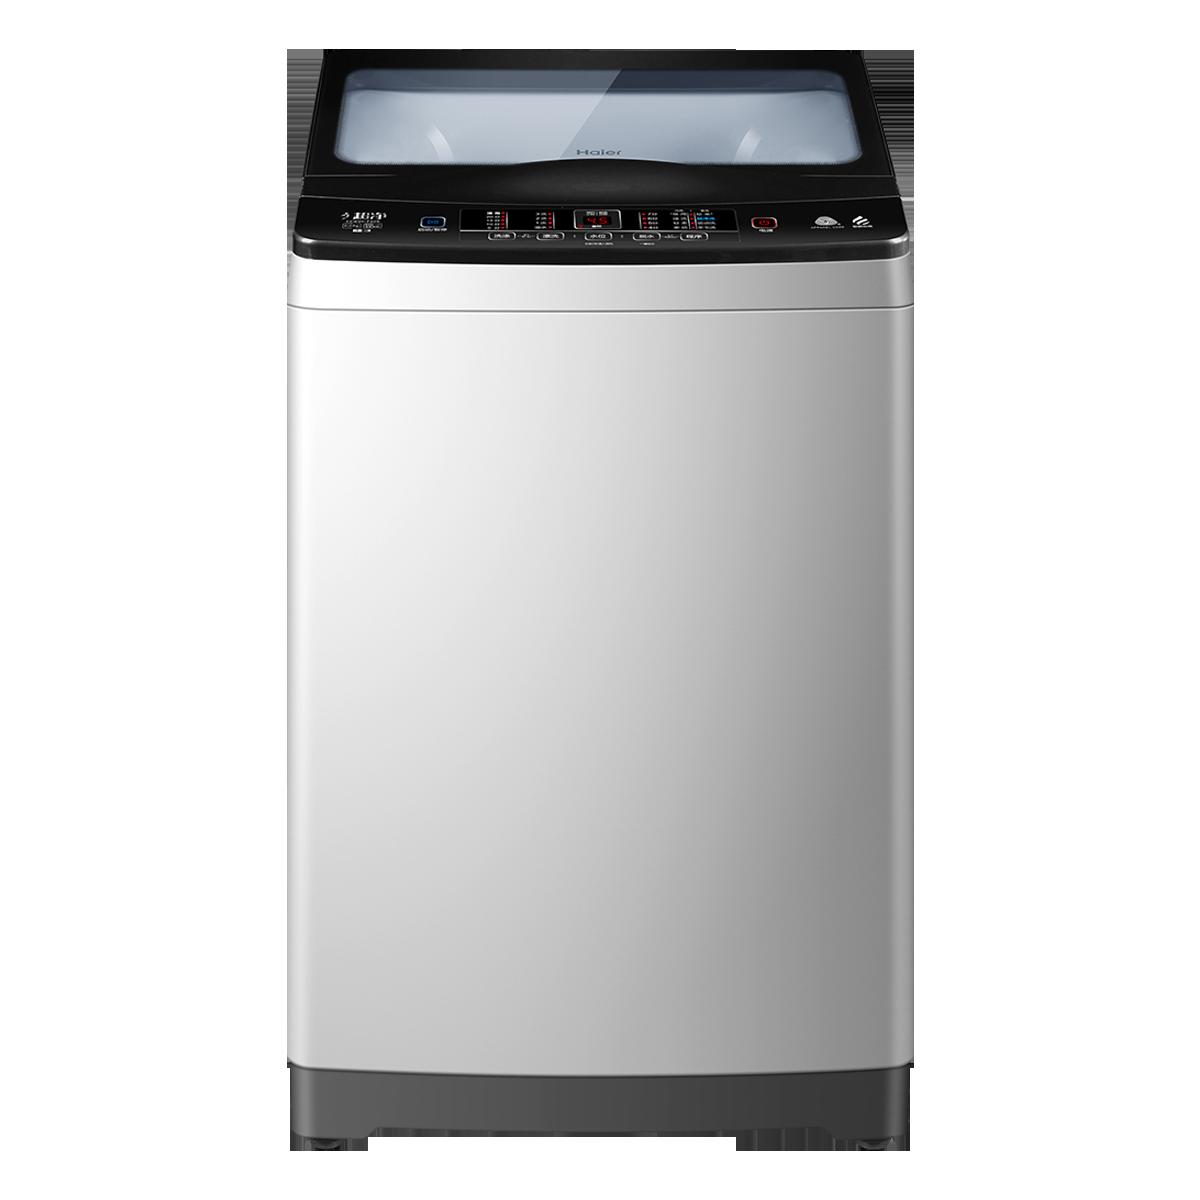 海尔Haier洗衣机 XQB90-F926 说明书